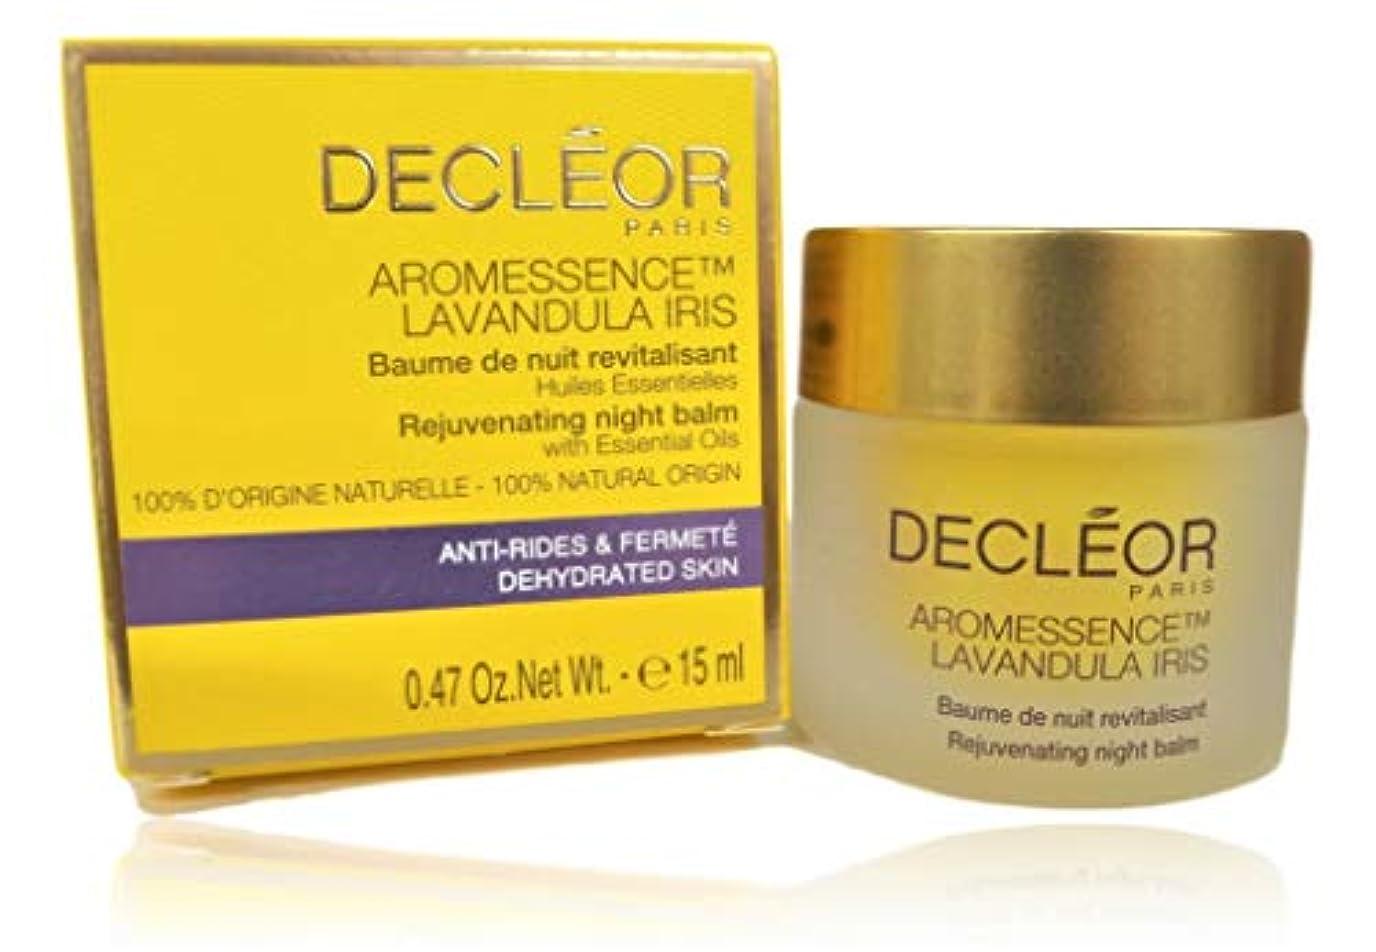 マイクサーフィン属性デクレオール Aromessence Lavandula Iris Rejuvenating Night Balm - For Dehydrated Skin 15ml/0.47oz並行輸入品